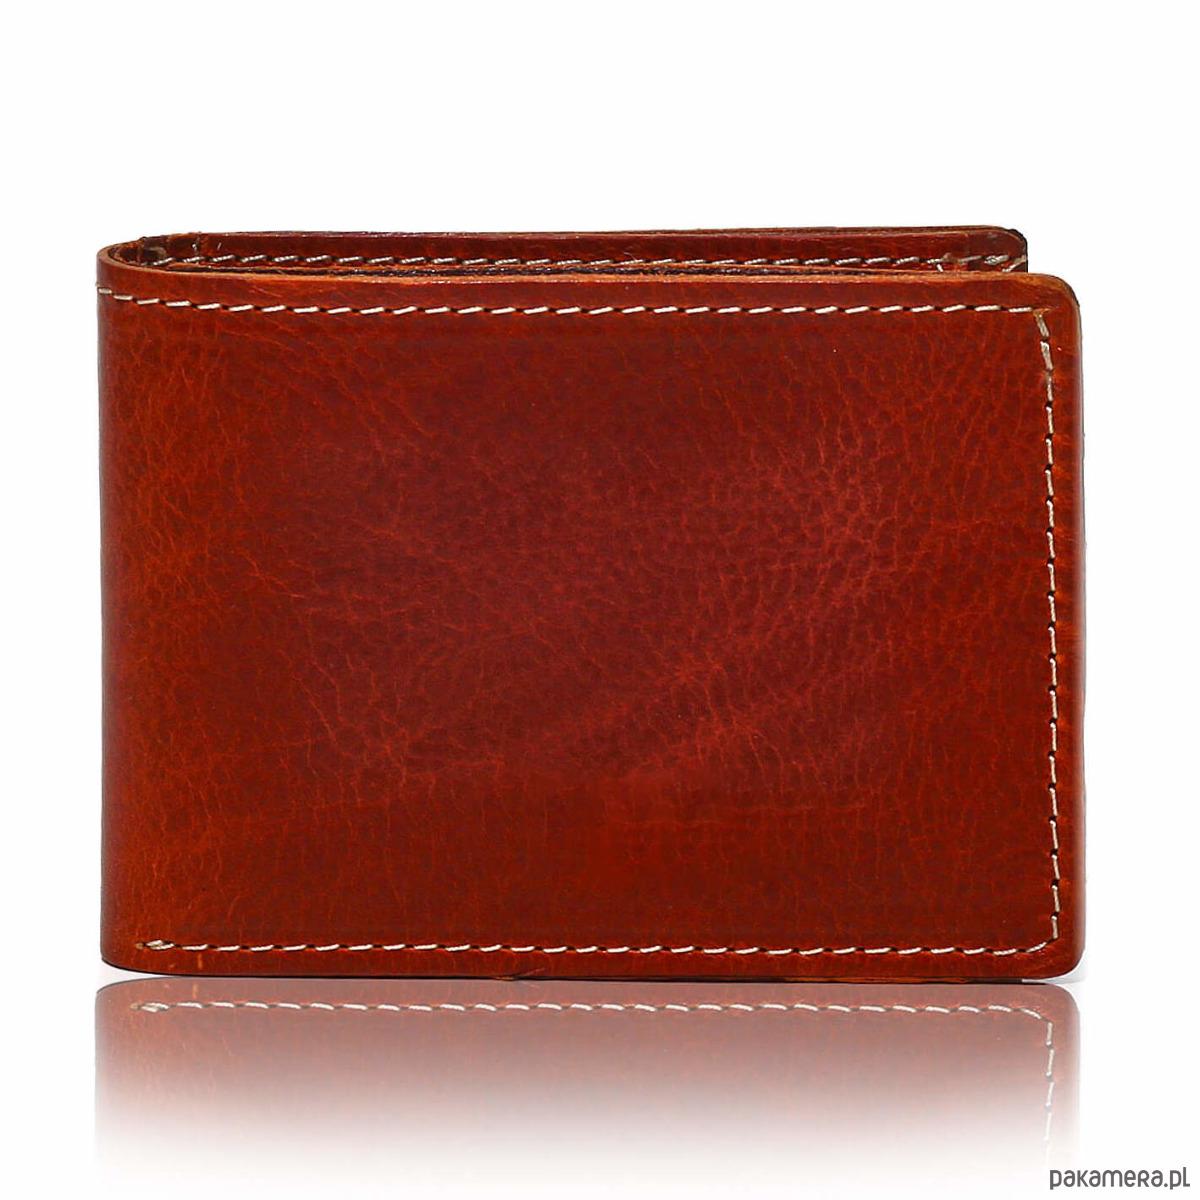 0b925e2e13e97 Portfel męski skórzany sklim cienki Belveder - akcesoria - portfele ...